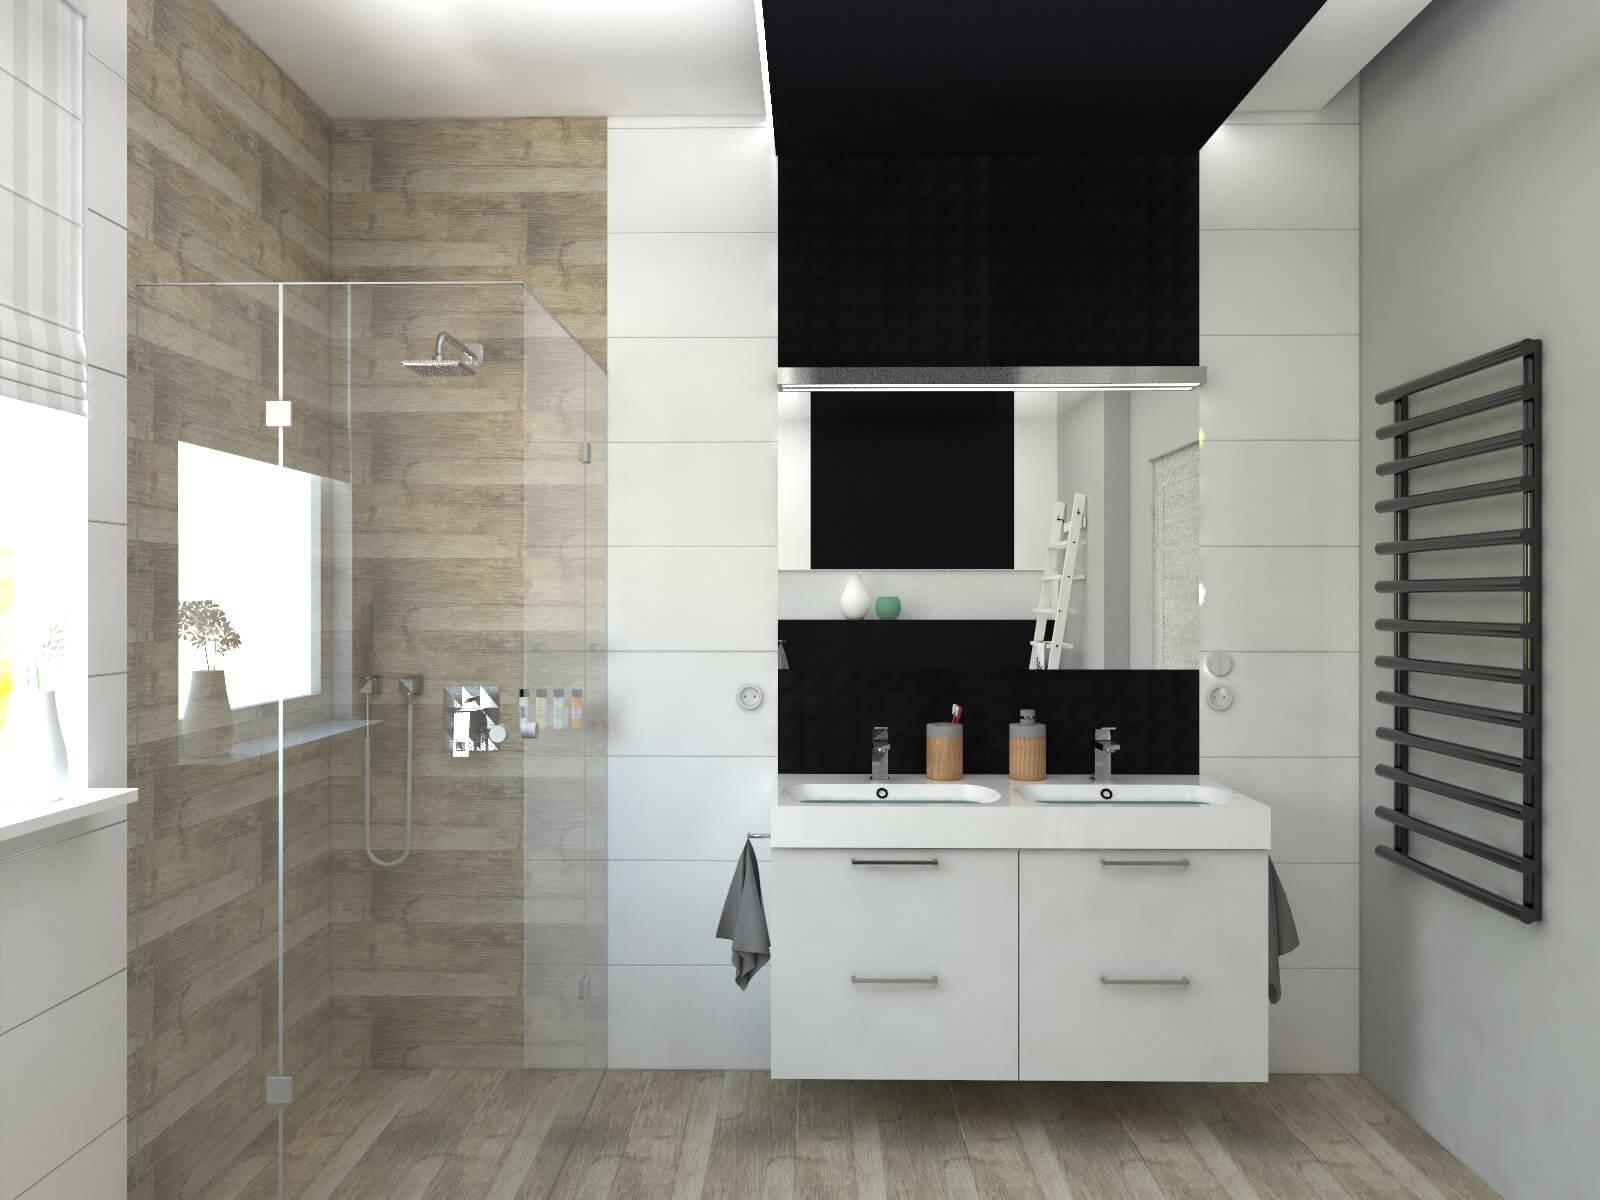 Nowoczesna łazienka w kolorze bieli, czerni i drewna ...